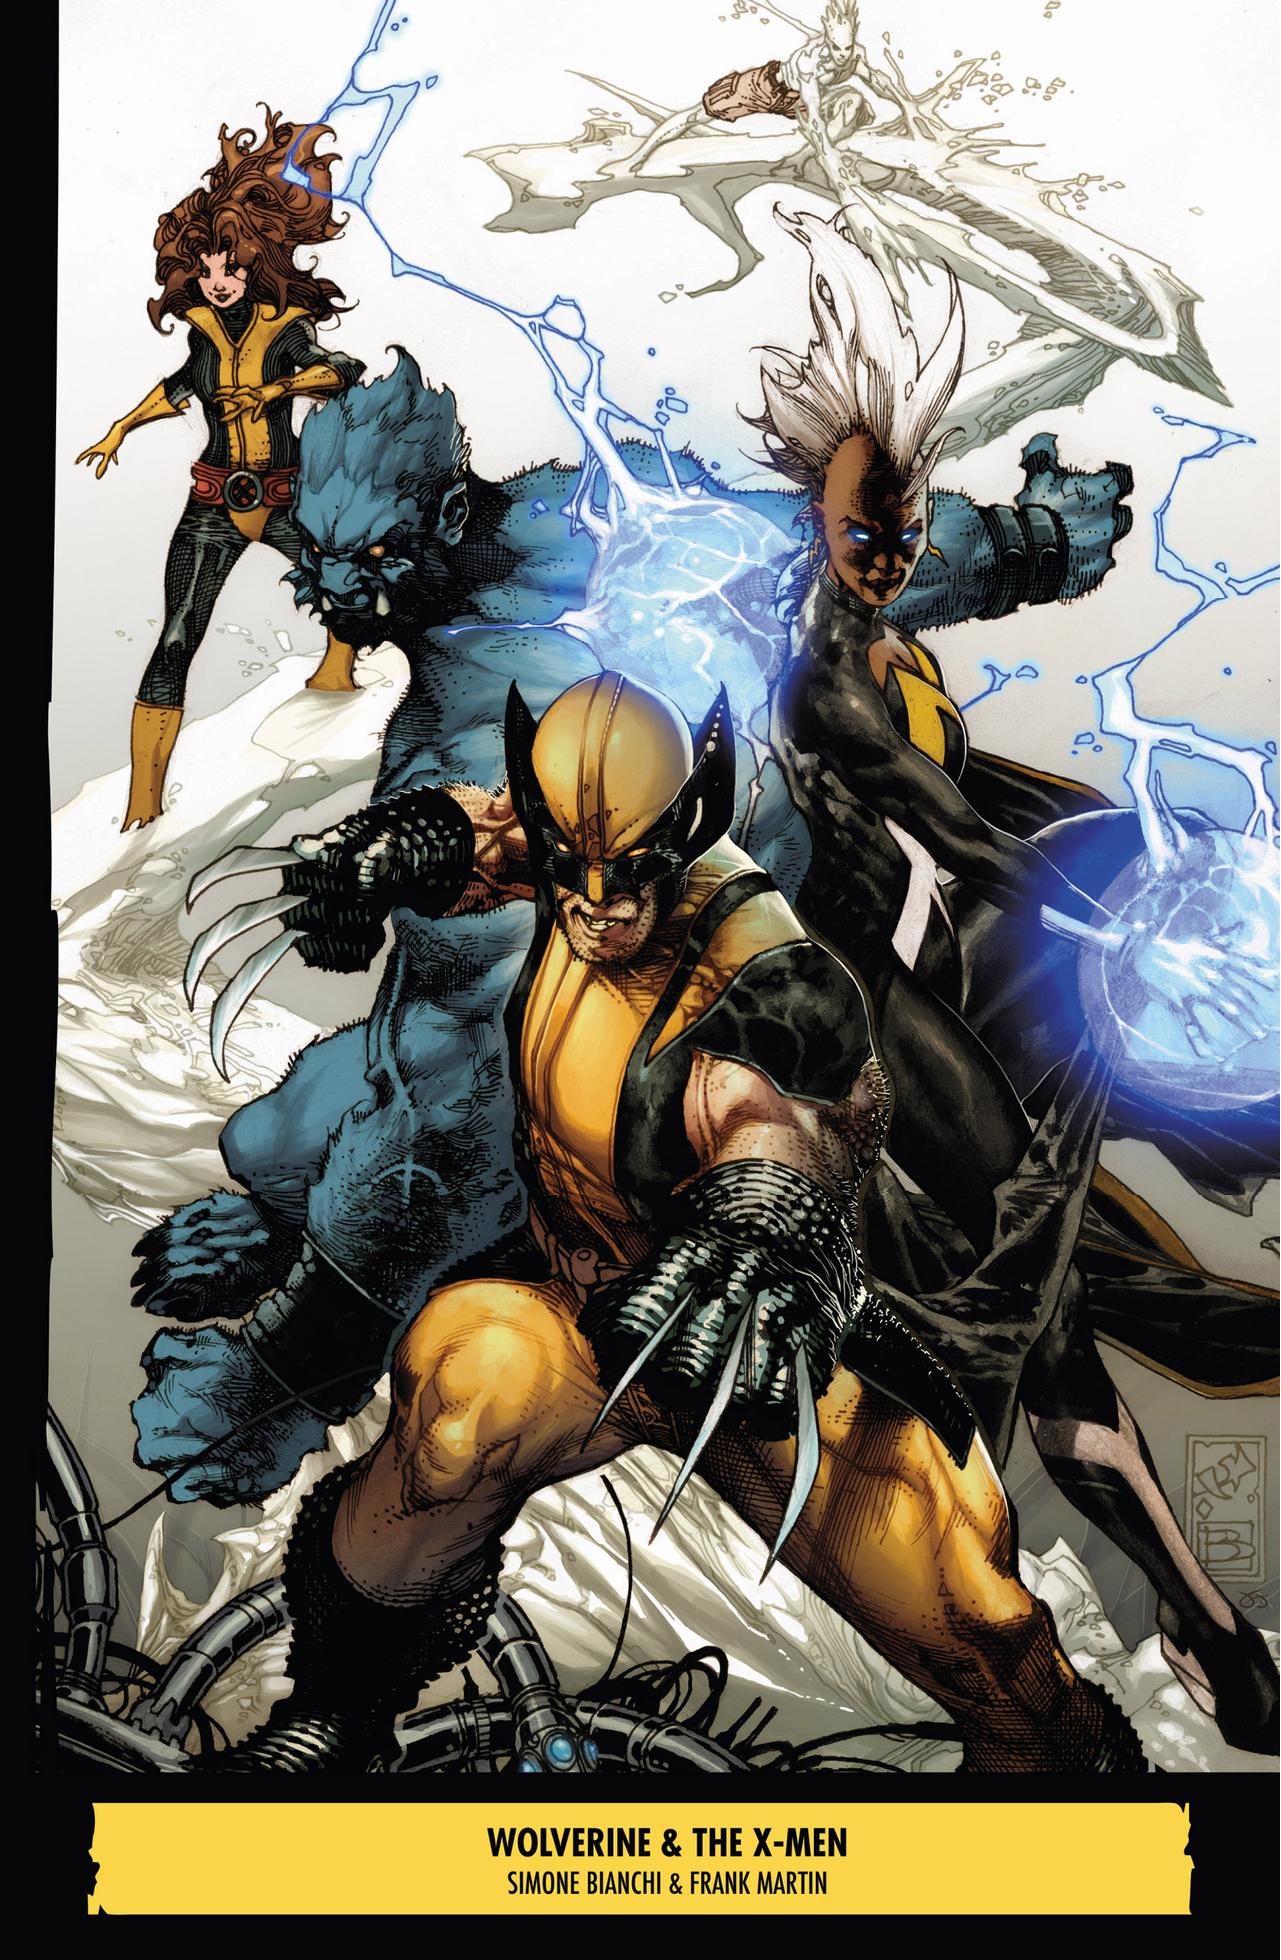 wolverine and the x-men (team wolverine)